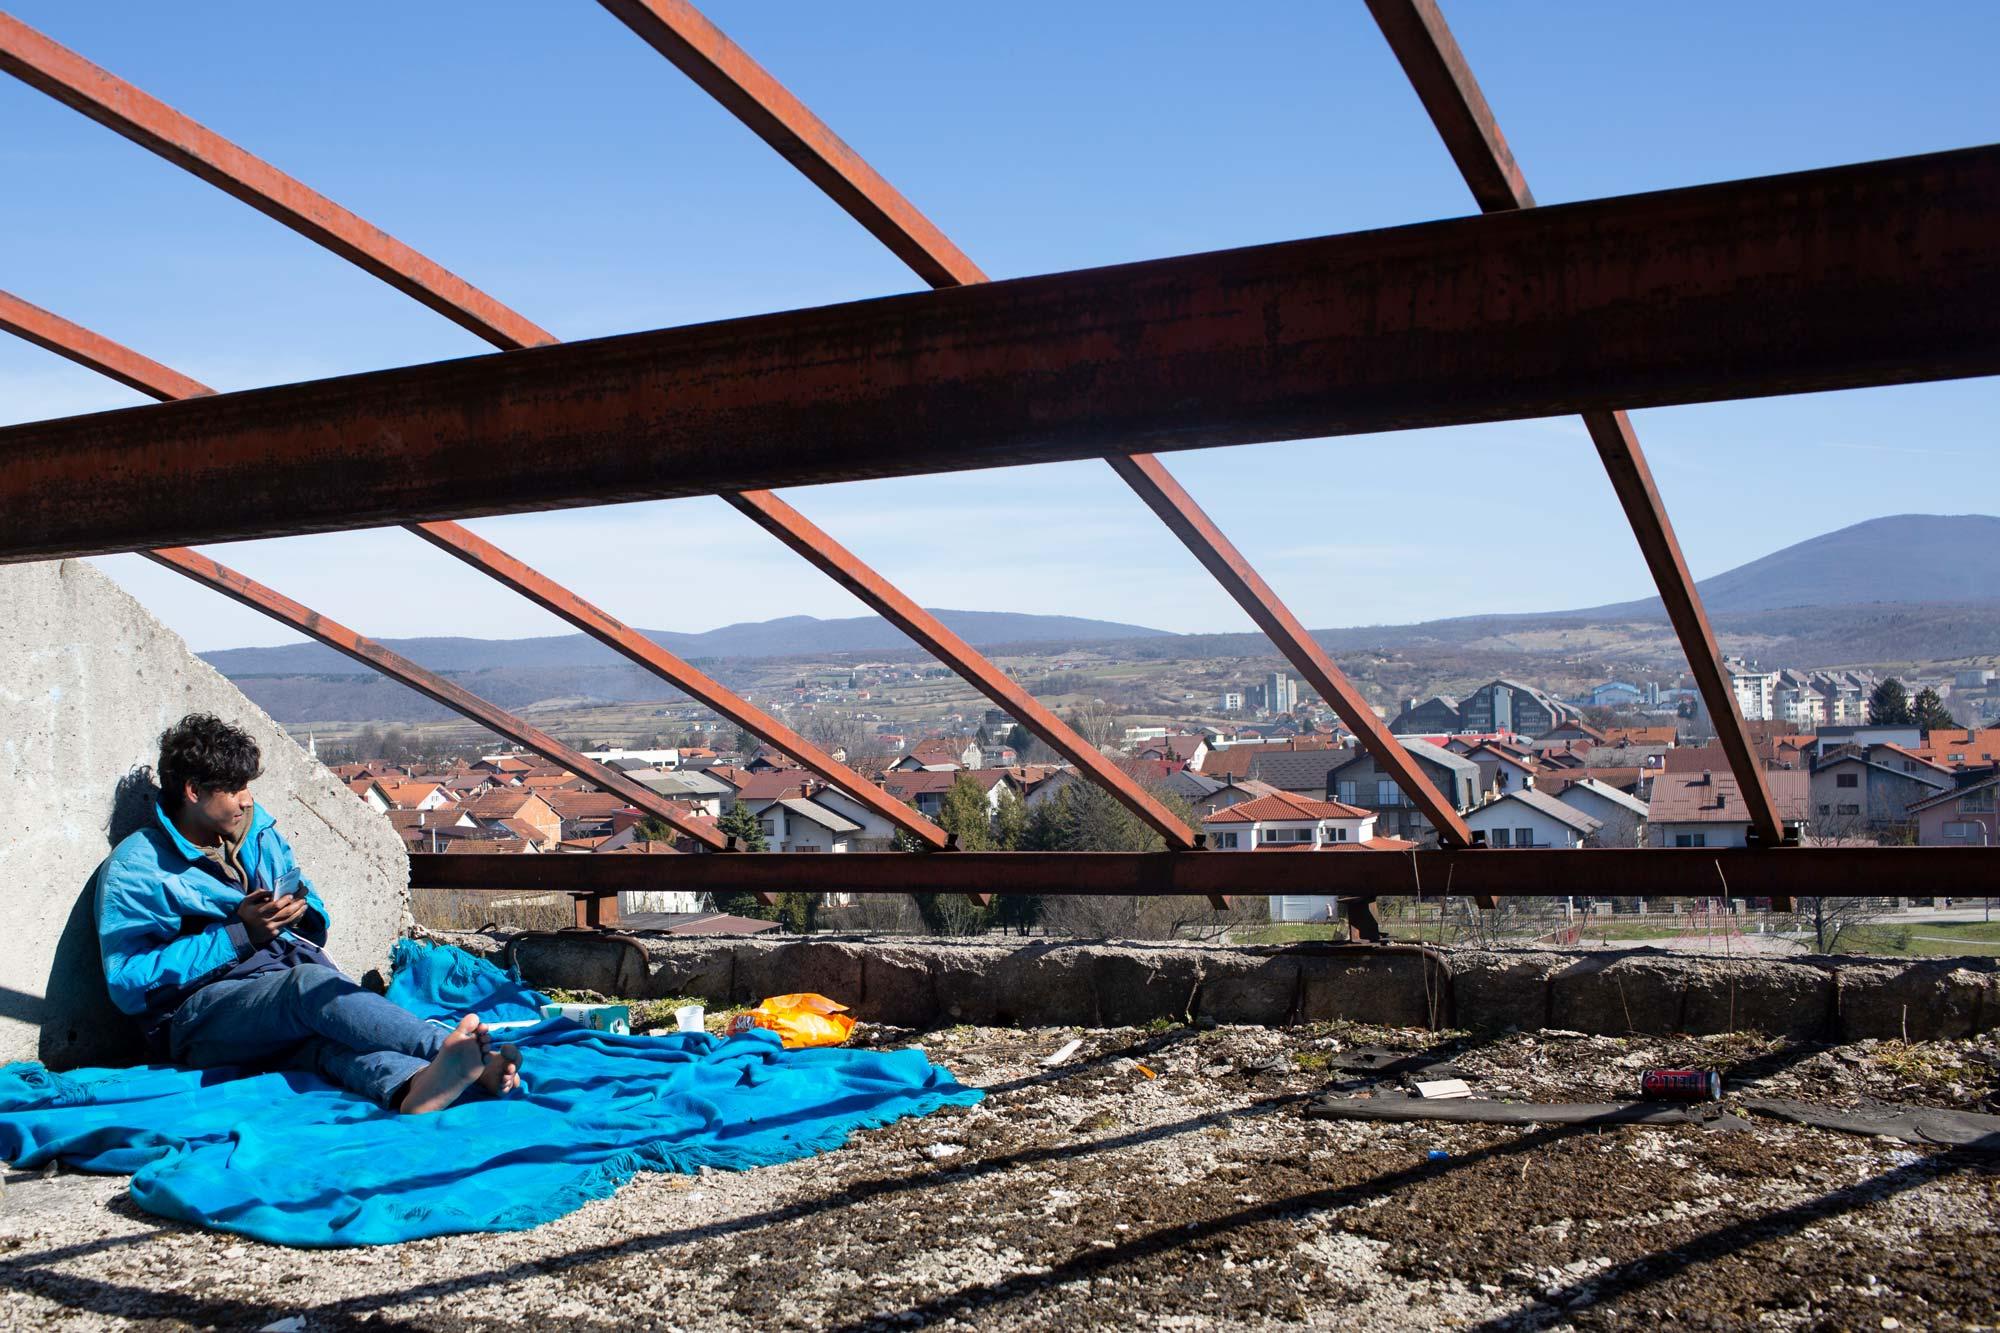 desperate refugees and migrants roof - <b>Крепость «Европа»:</b> как мигранты сталкиваются с полицейской жестокостью на Балканах - Заборона